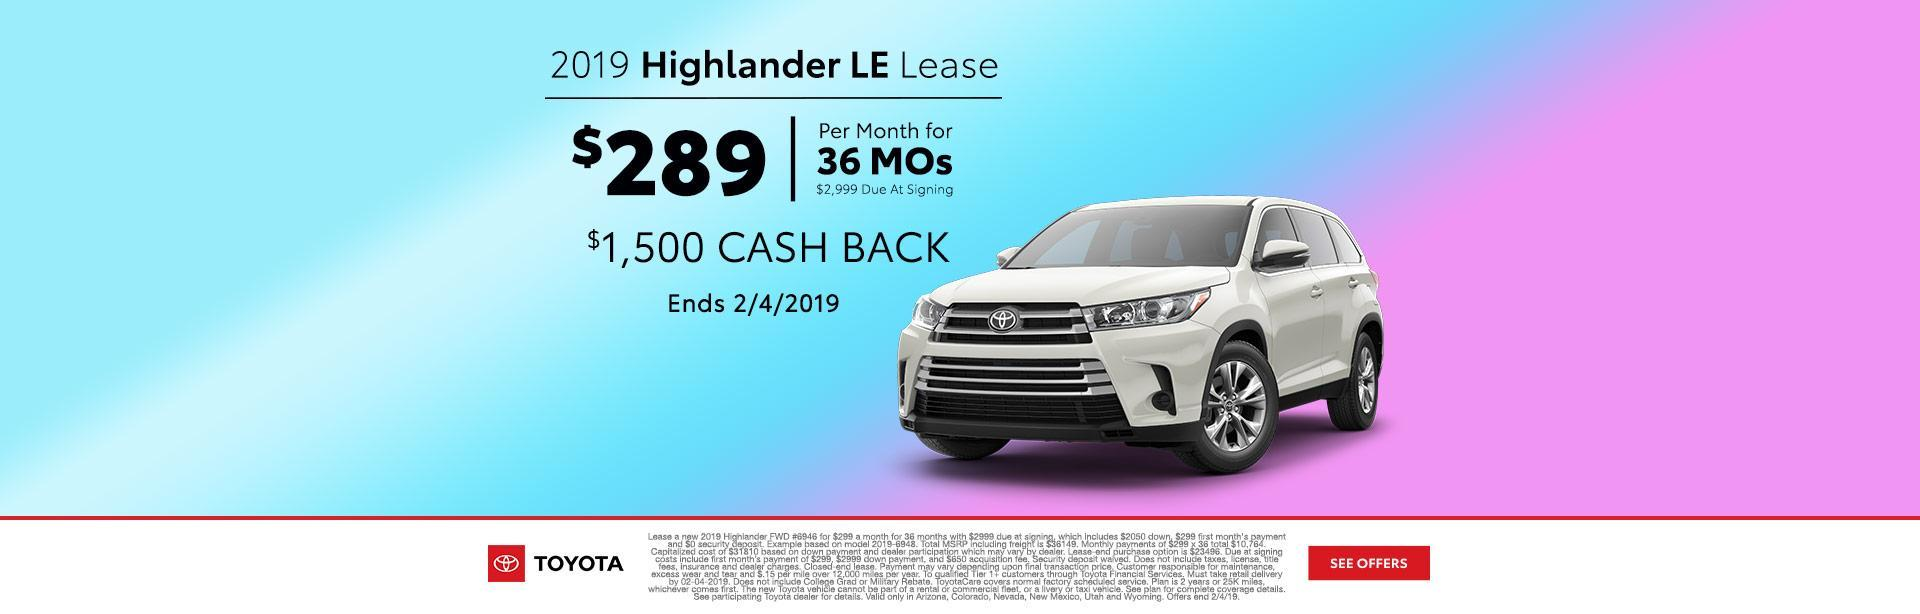 2019 Highlander Lease